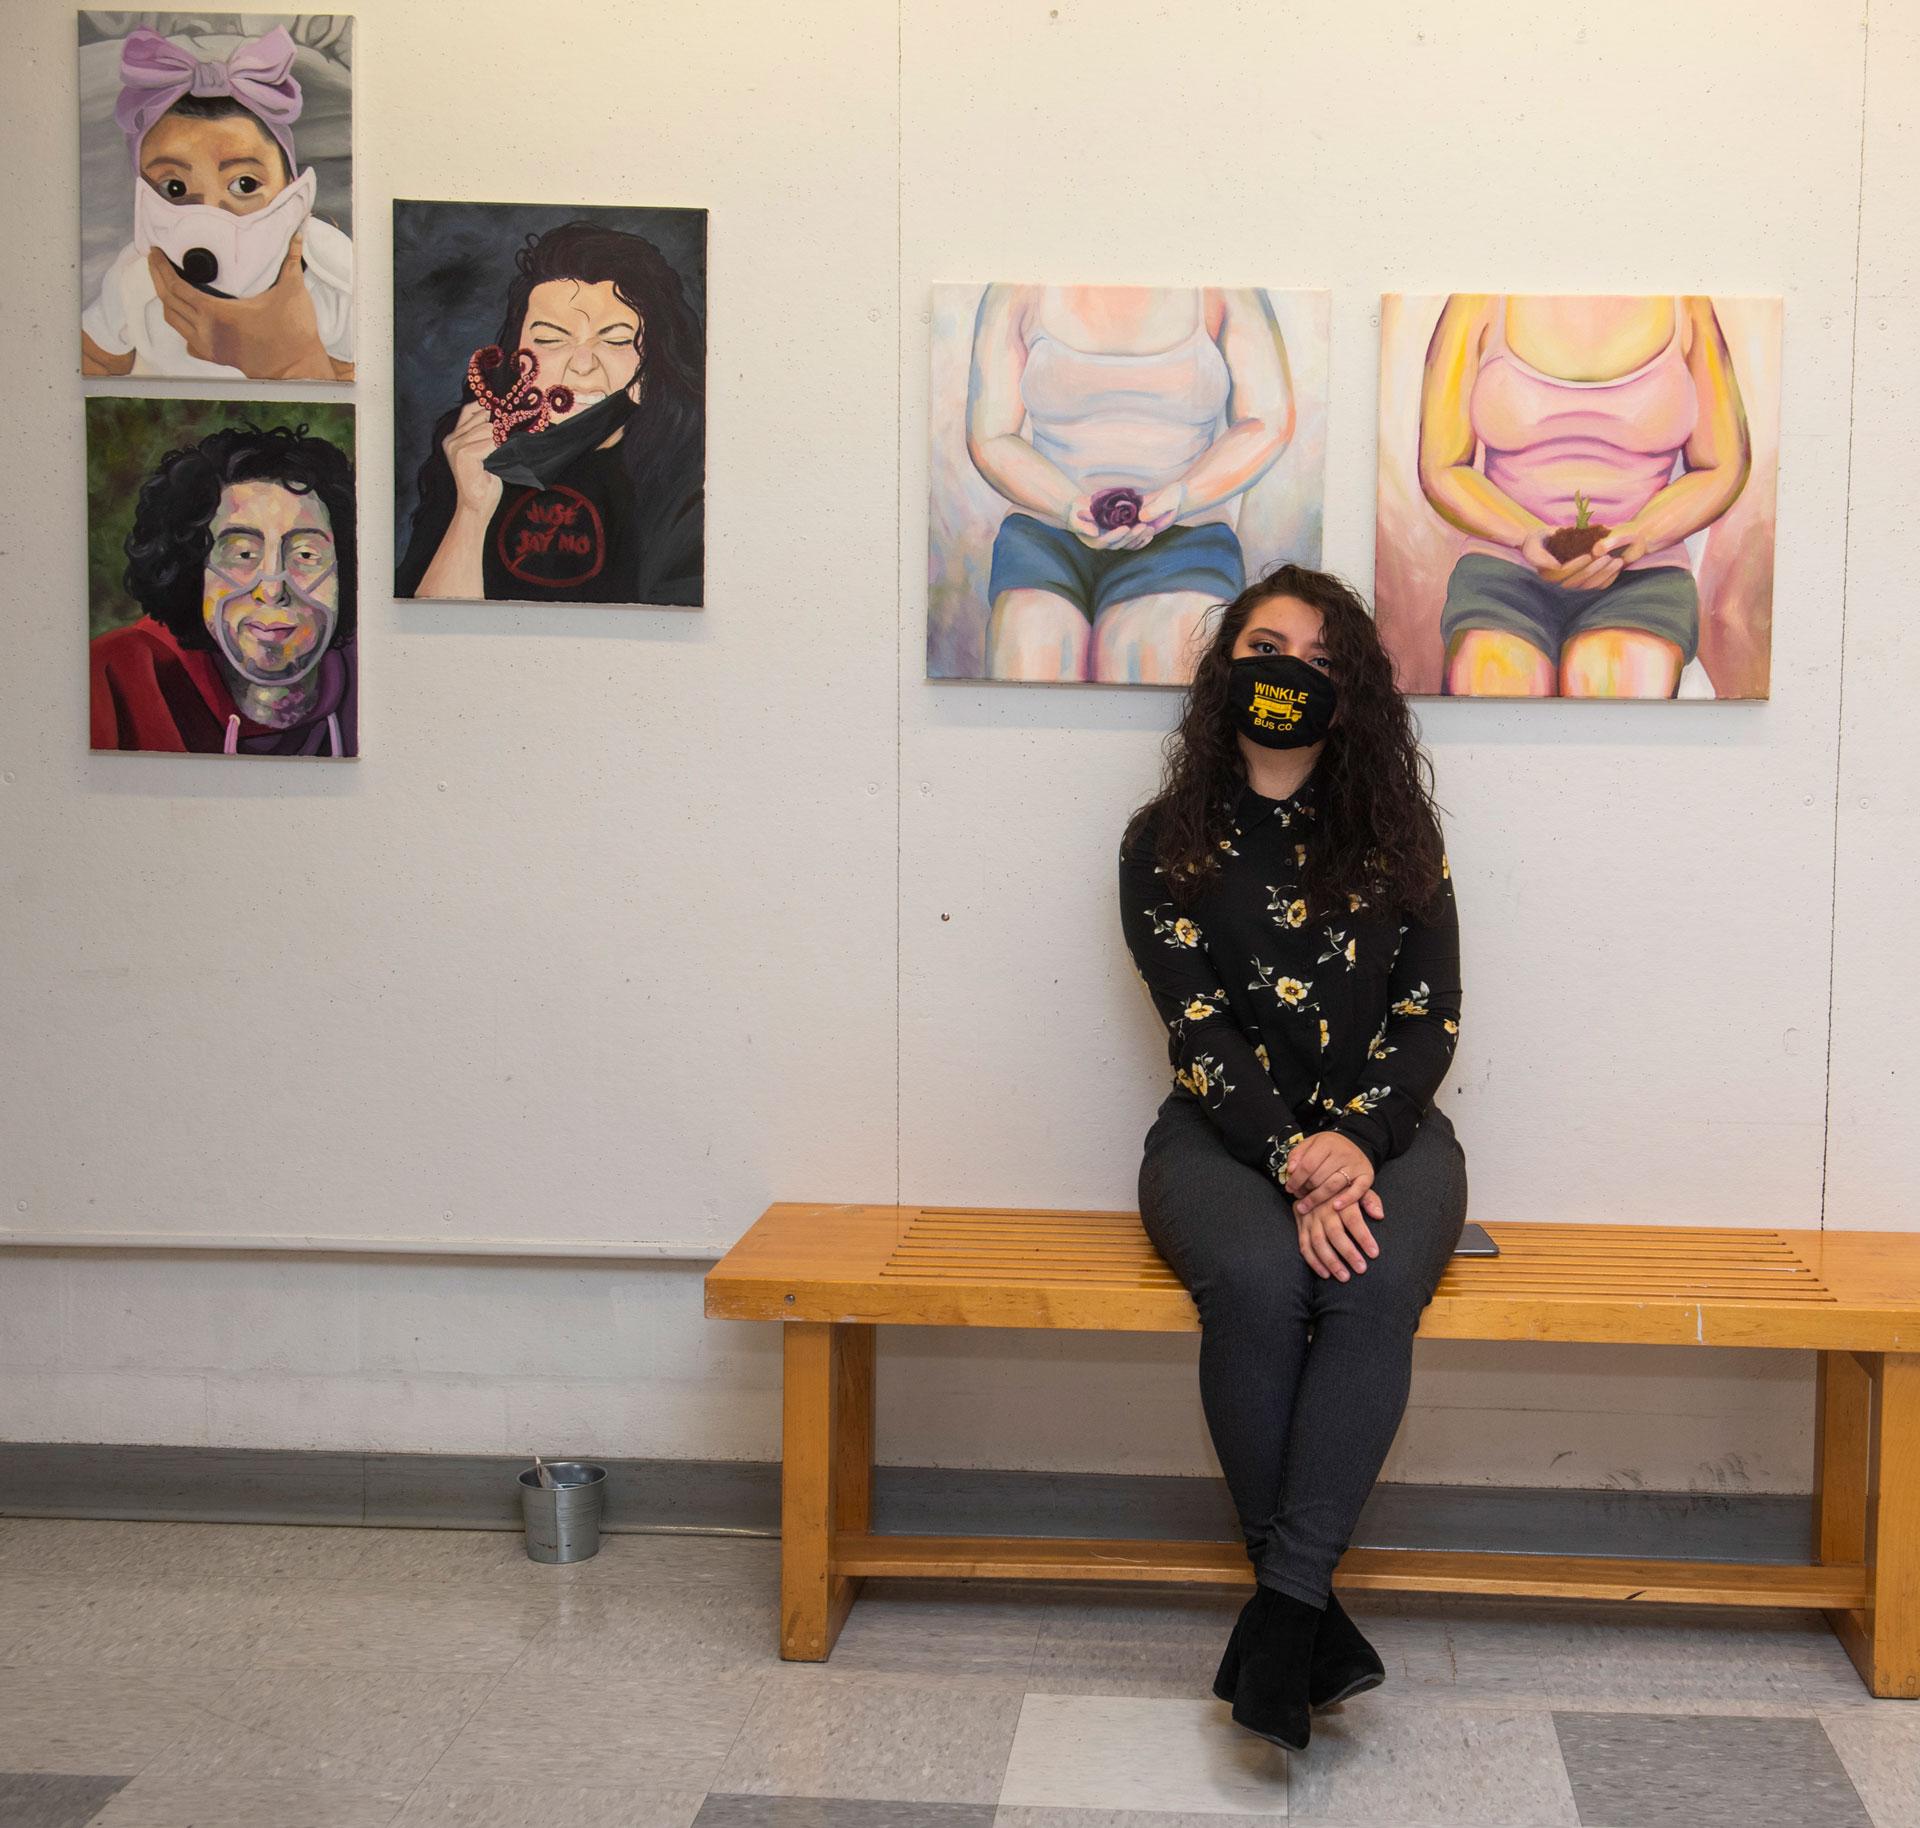 portrait of SCSU student artist Samantha Melendez with her work